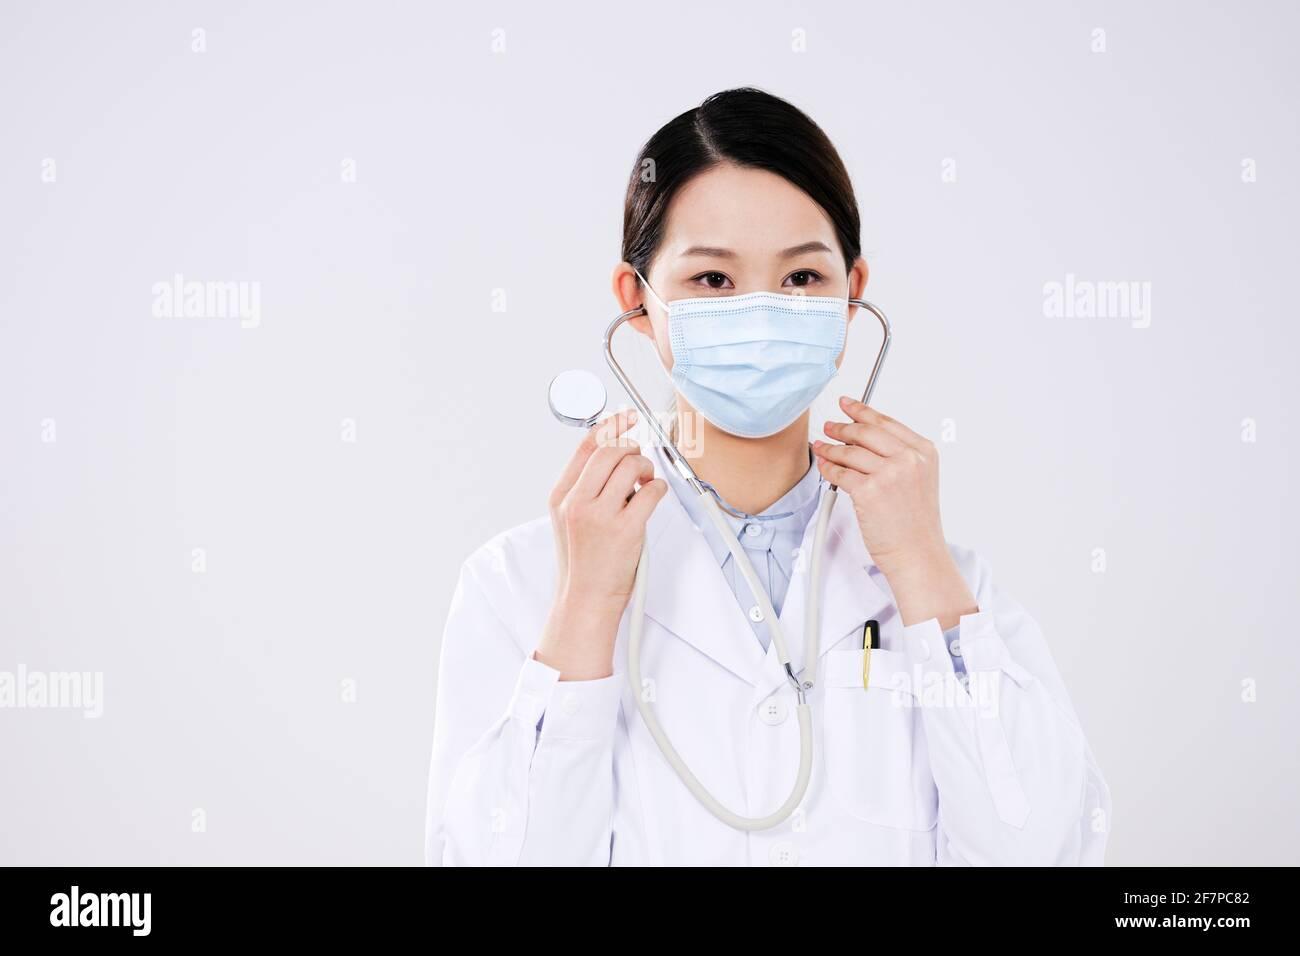 Une femme médecin a mis sur un stéthoscope regardant le appareil photo Banque D'Images